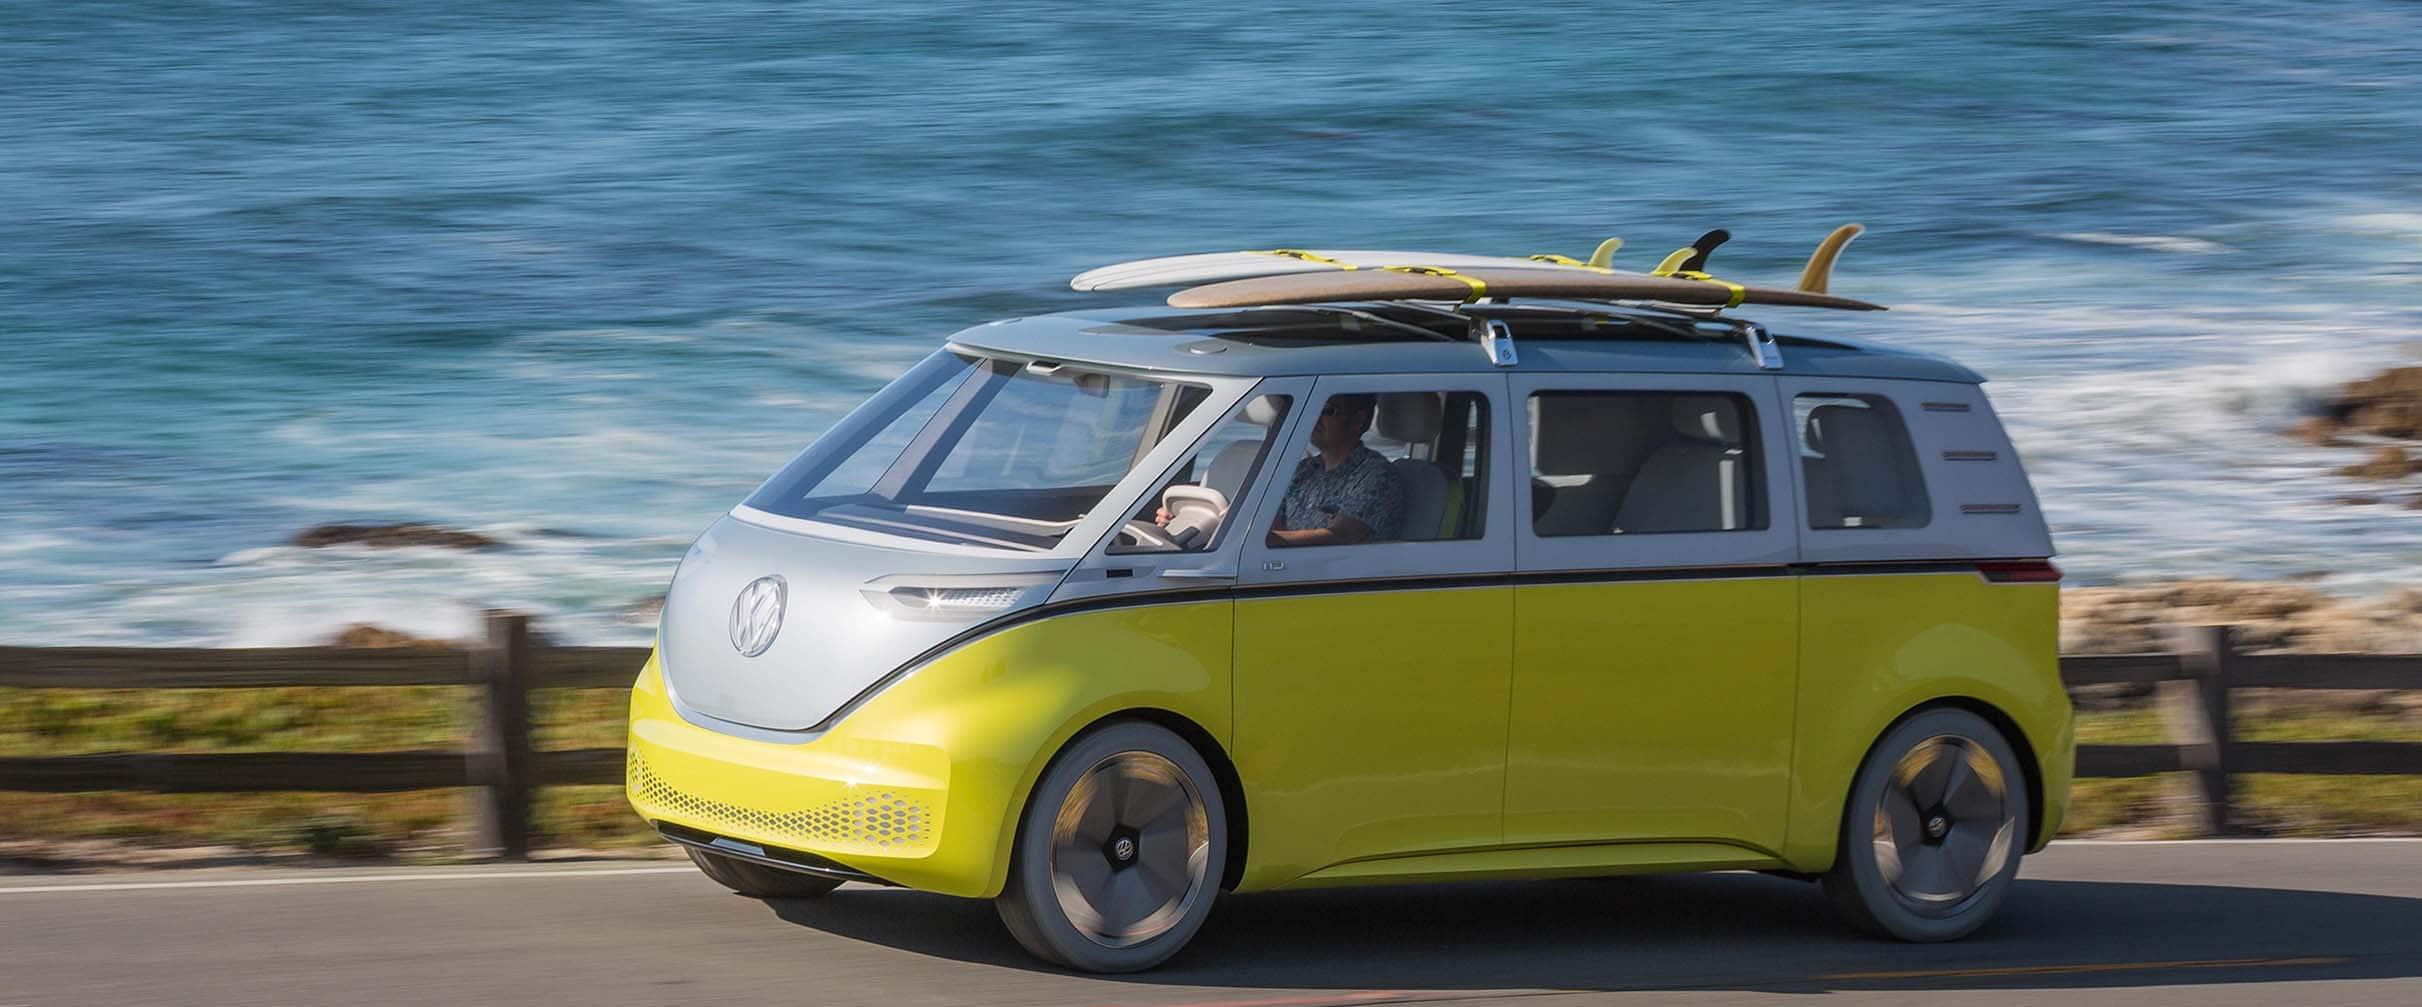 Volkswagen San Diego Service Garage